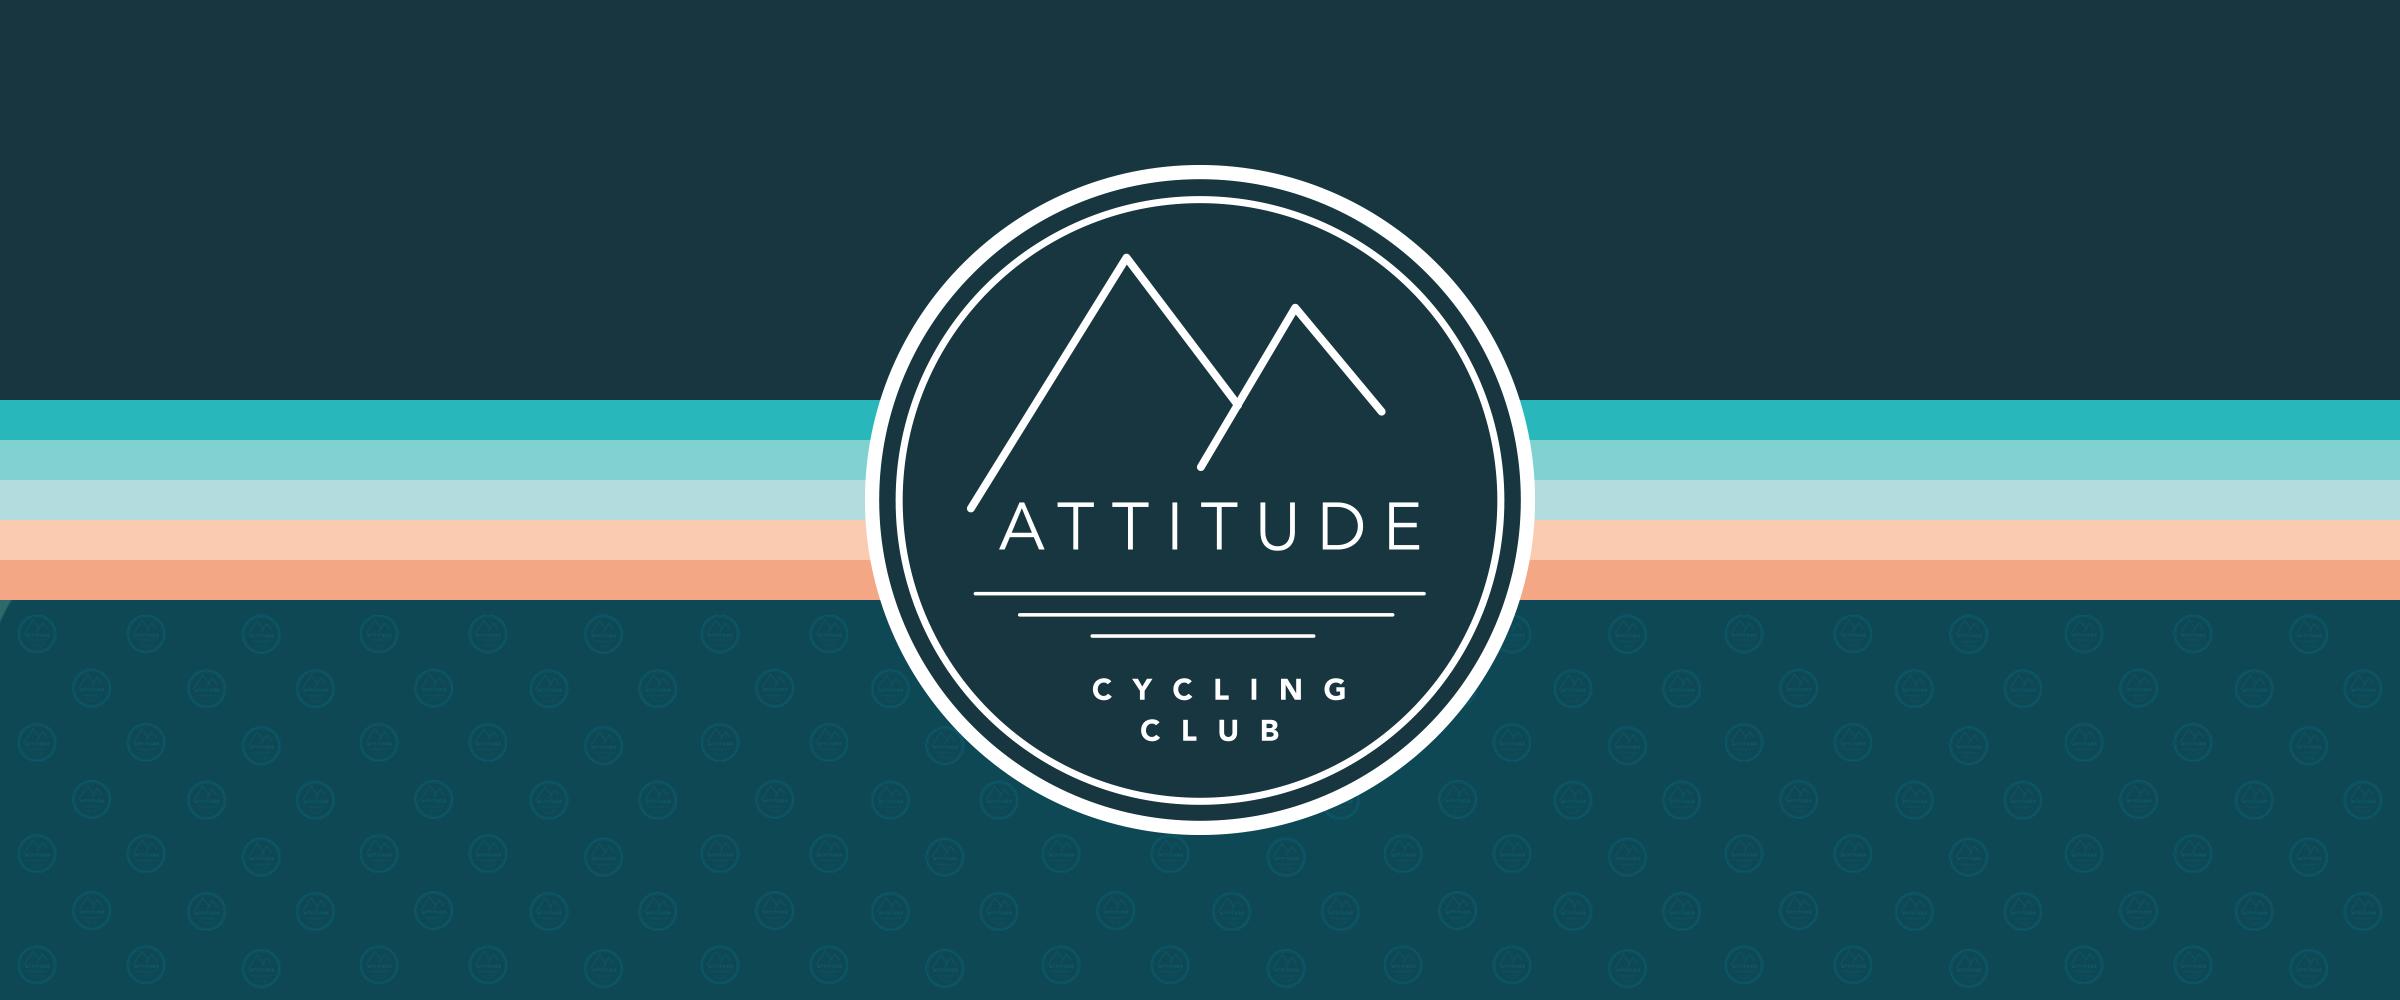 bannière-cycling-club.jpg